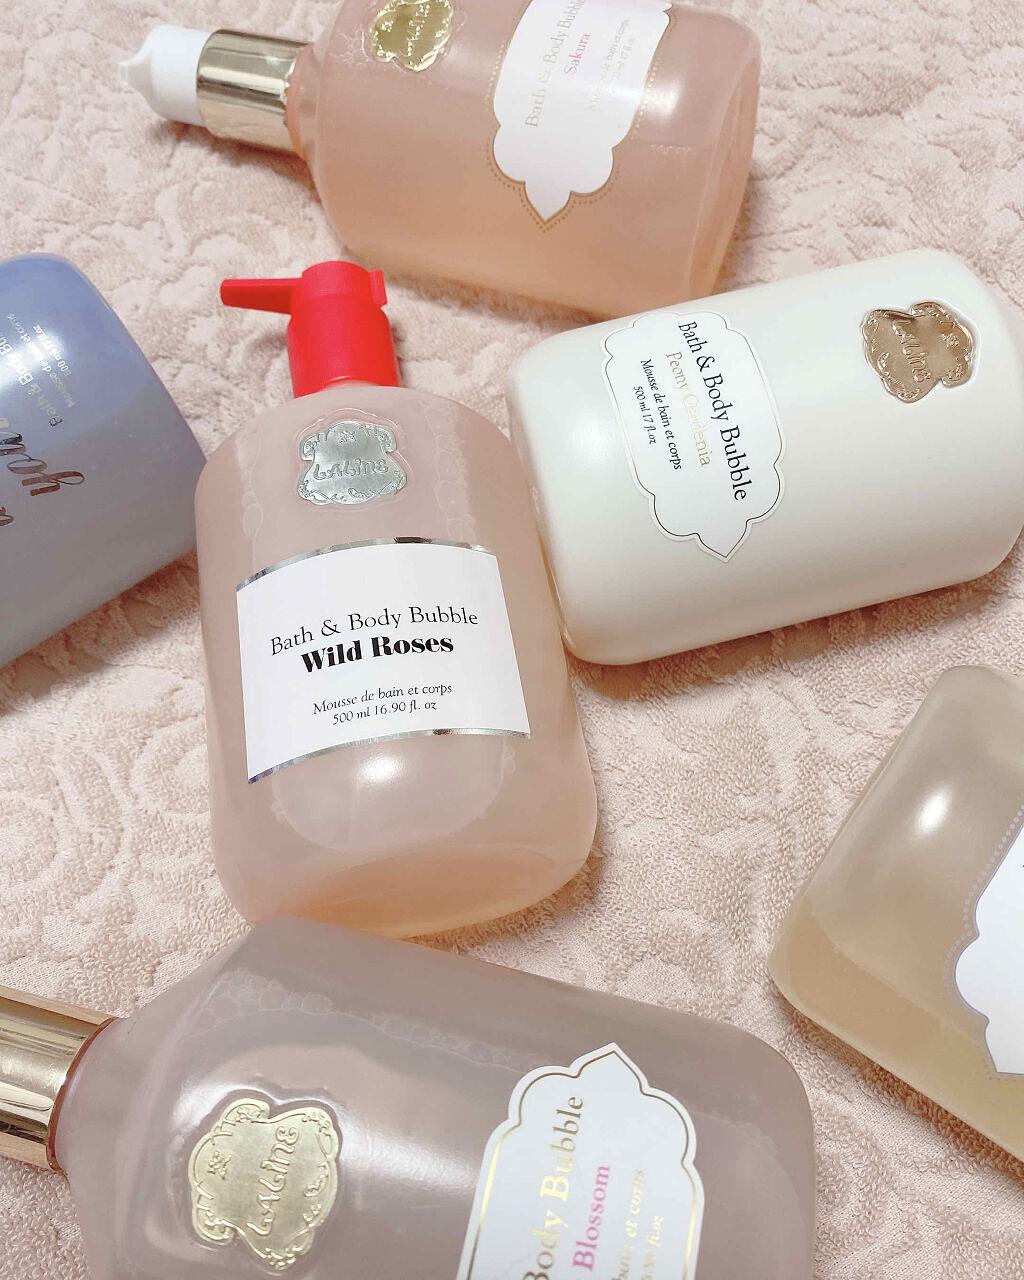 「泡風呂入浴剤のおすすめ人気ランキングTOP10|ドラックストアで買える商品からデパコスまで! 」の画像(#186507)